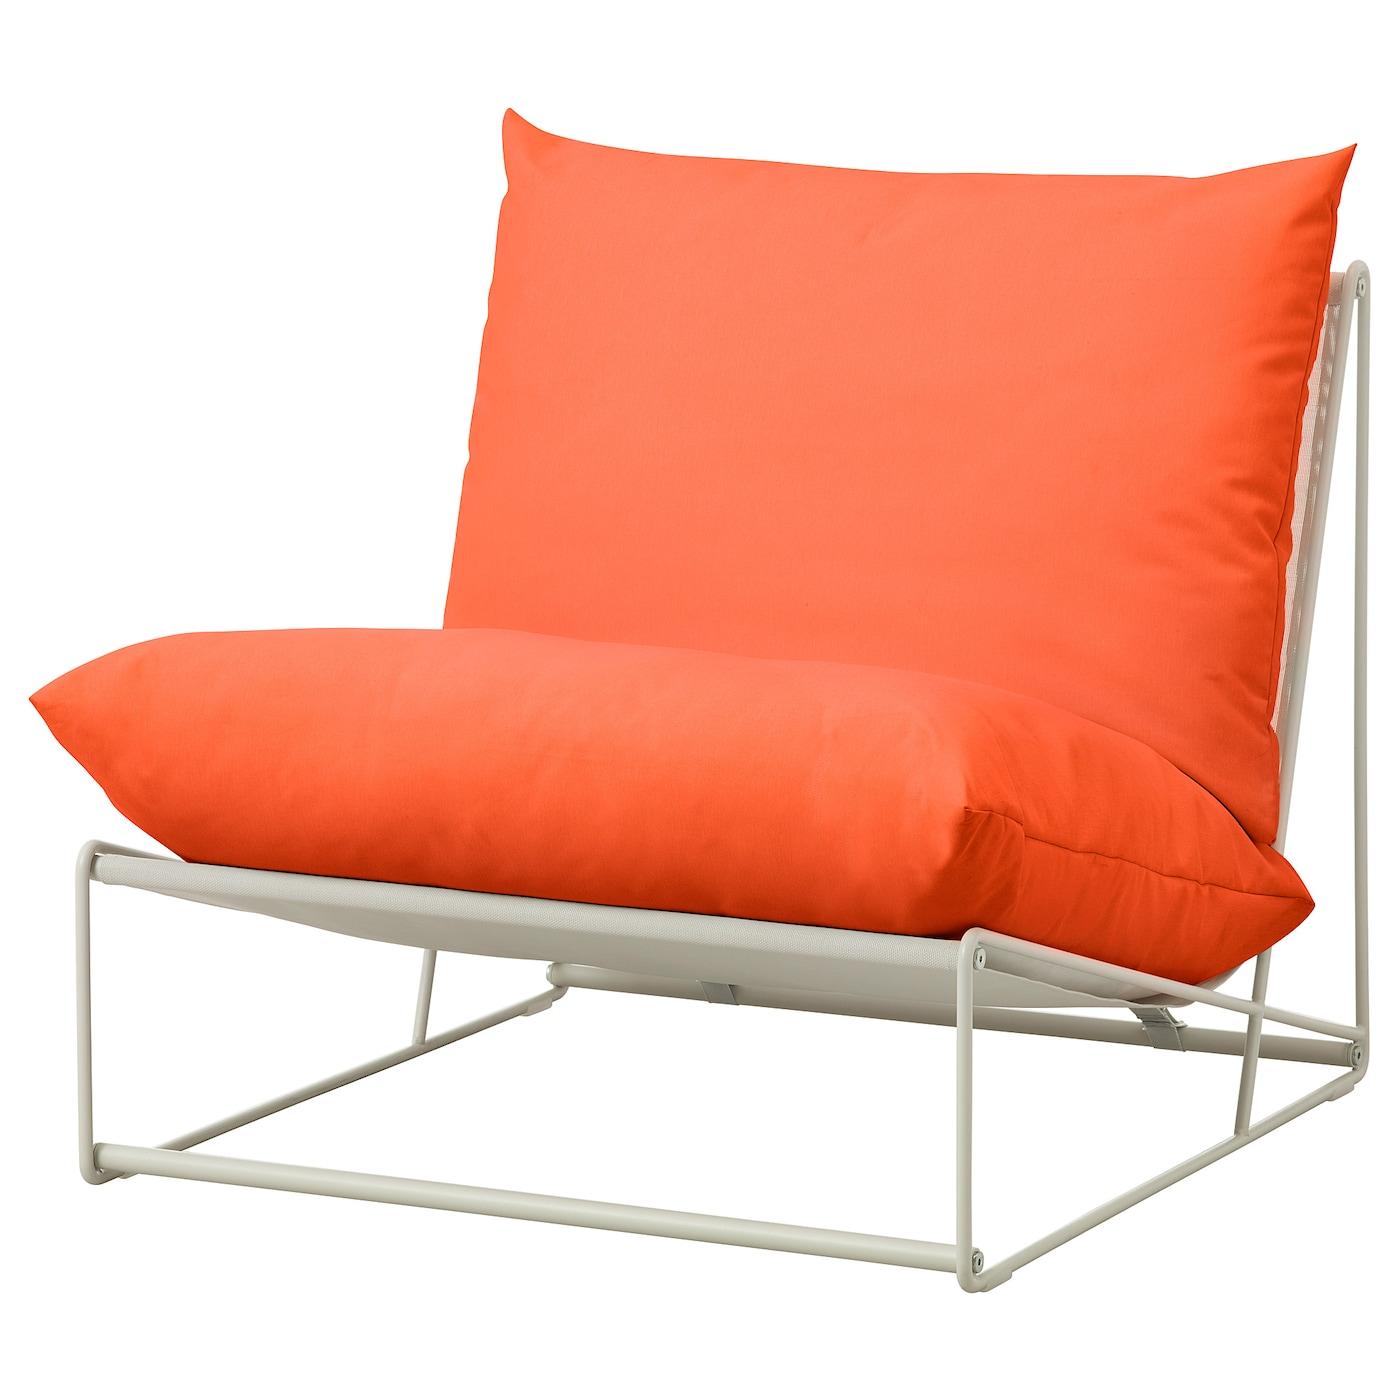 Ikea Havsten Easy Chair In Outdoor